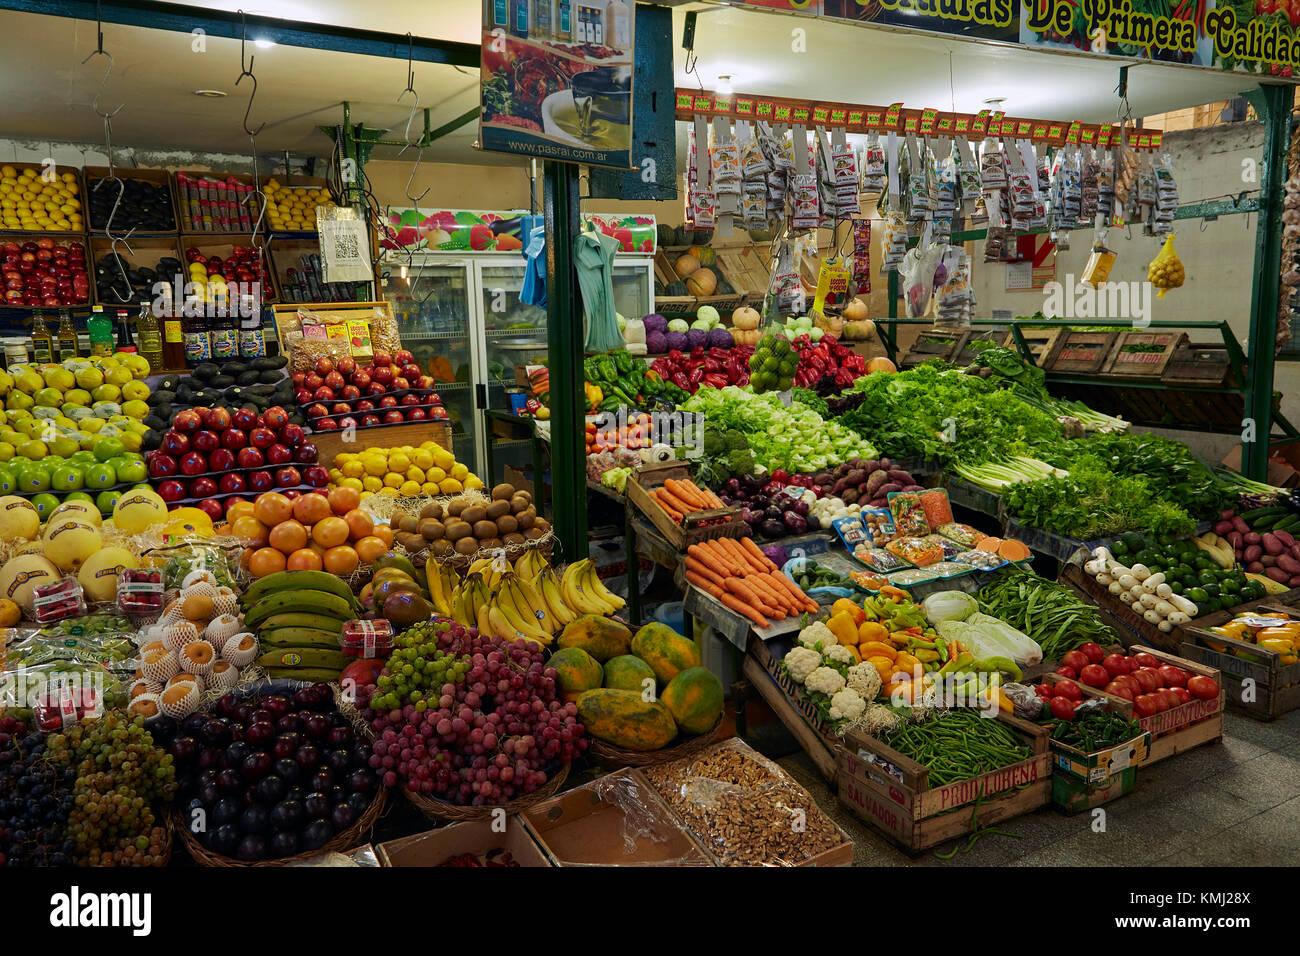 Producir cala, mercado de San Telmo, el barrio de San Telmo, Buenos Aires, Argentina, Sudamérica Imagen De Stock